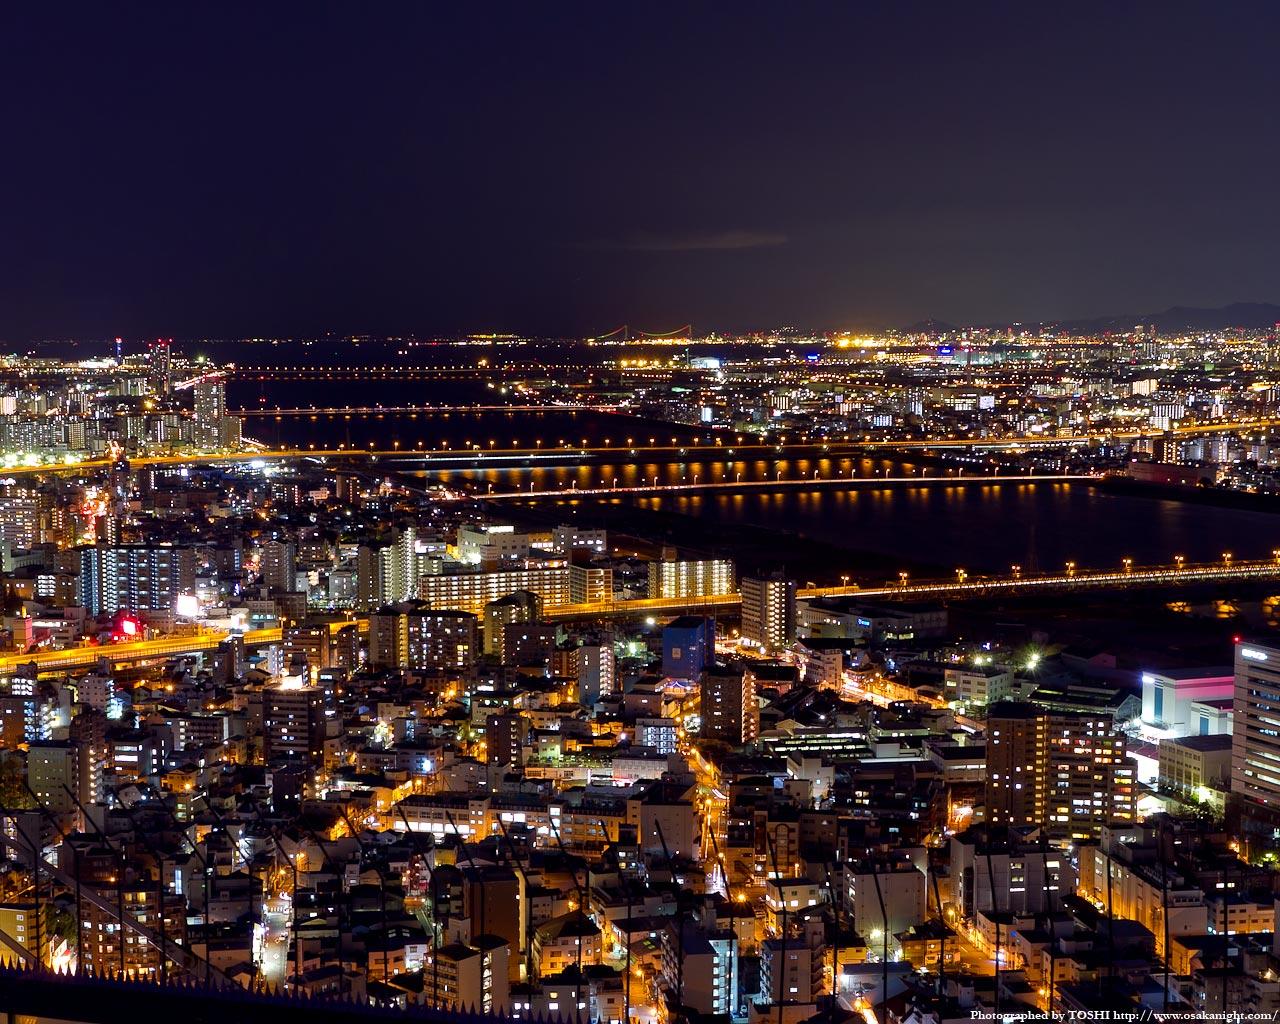 西方向大阪湾〜神戸方面の夜景